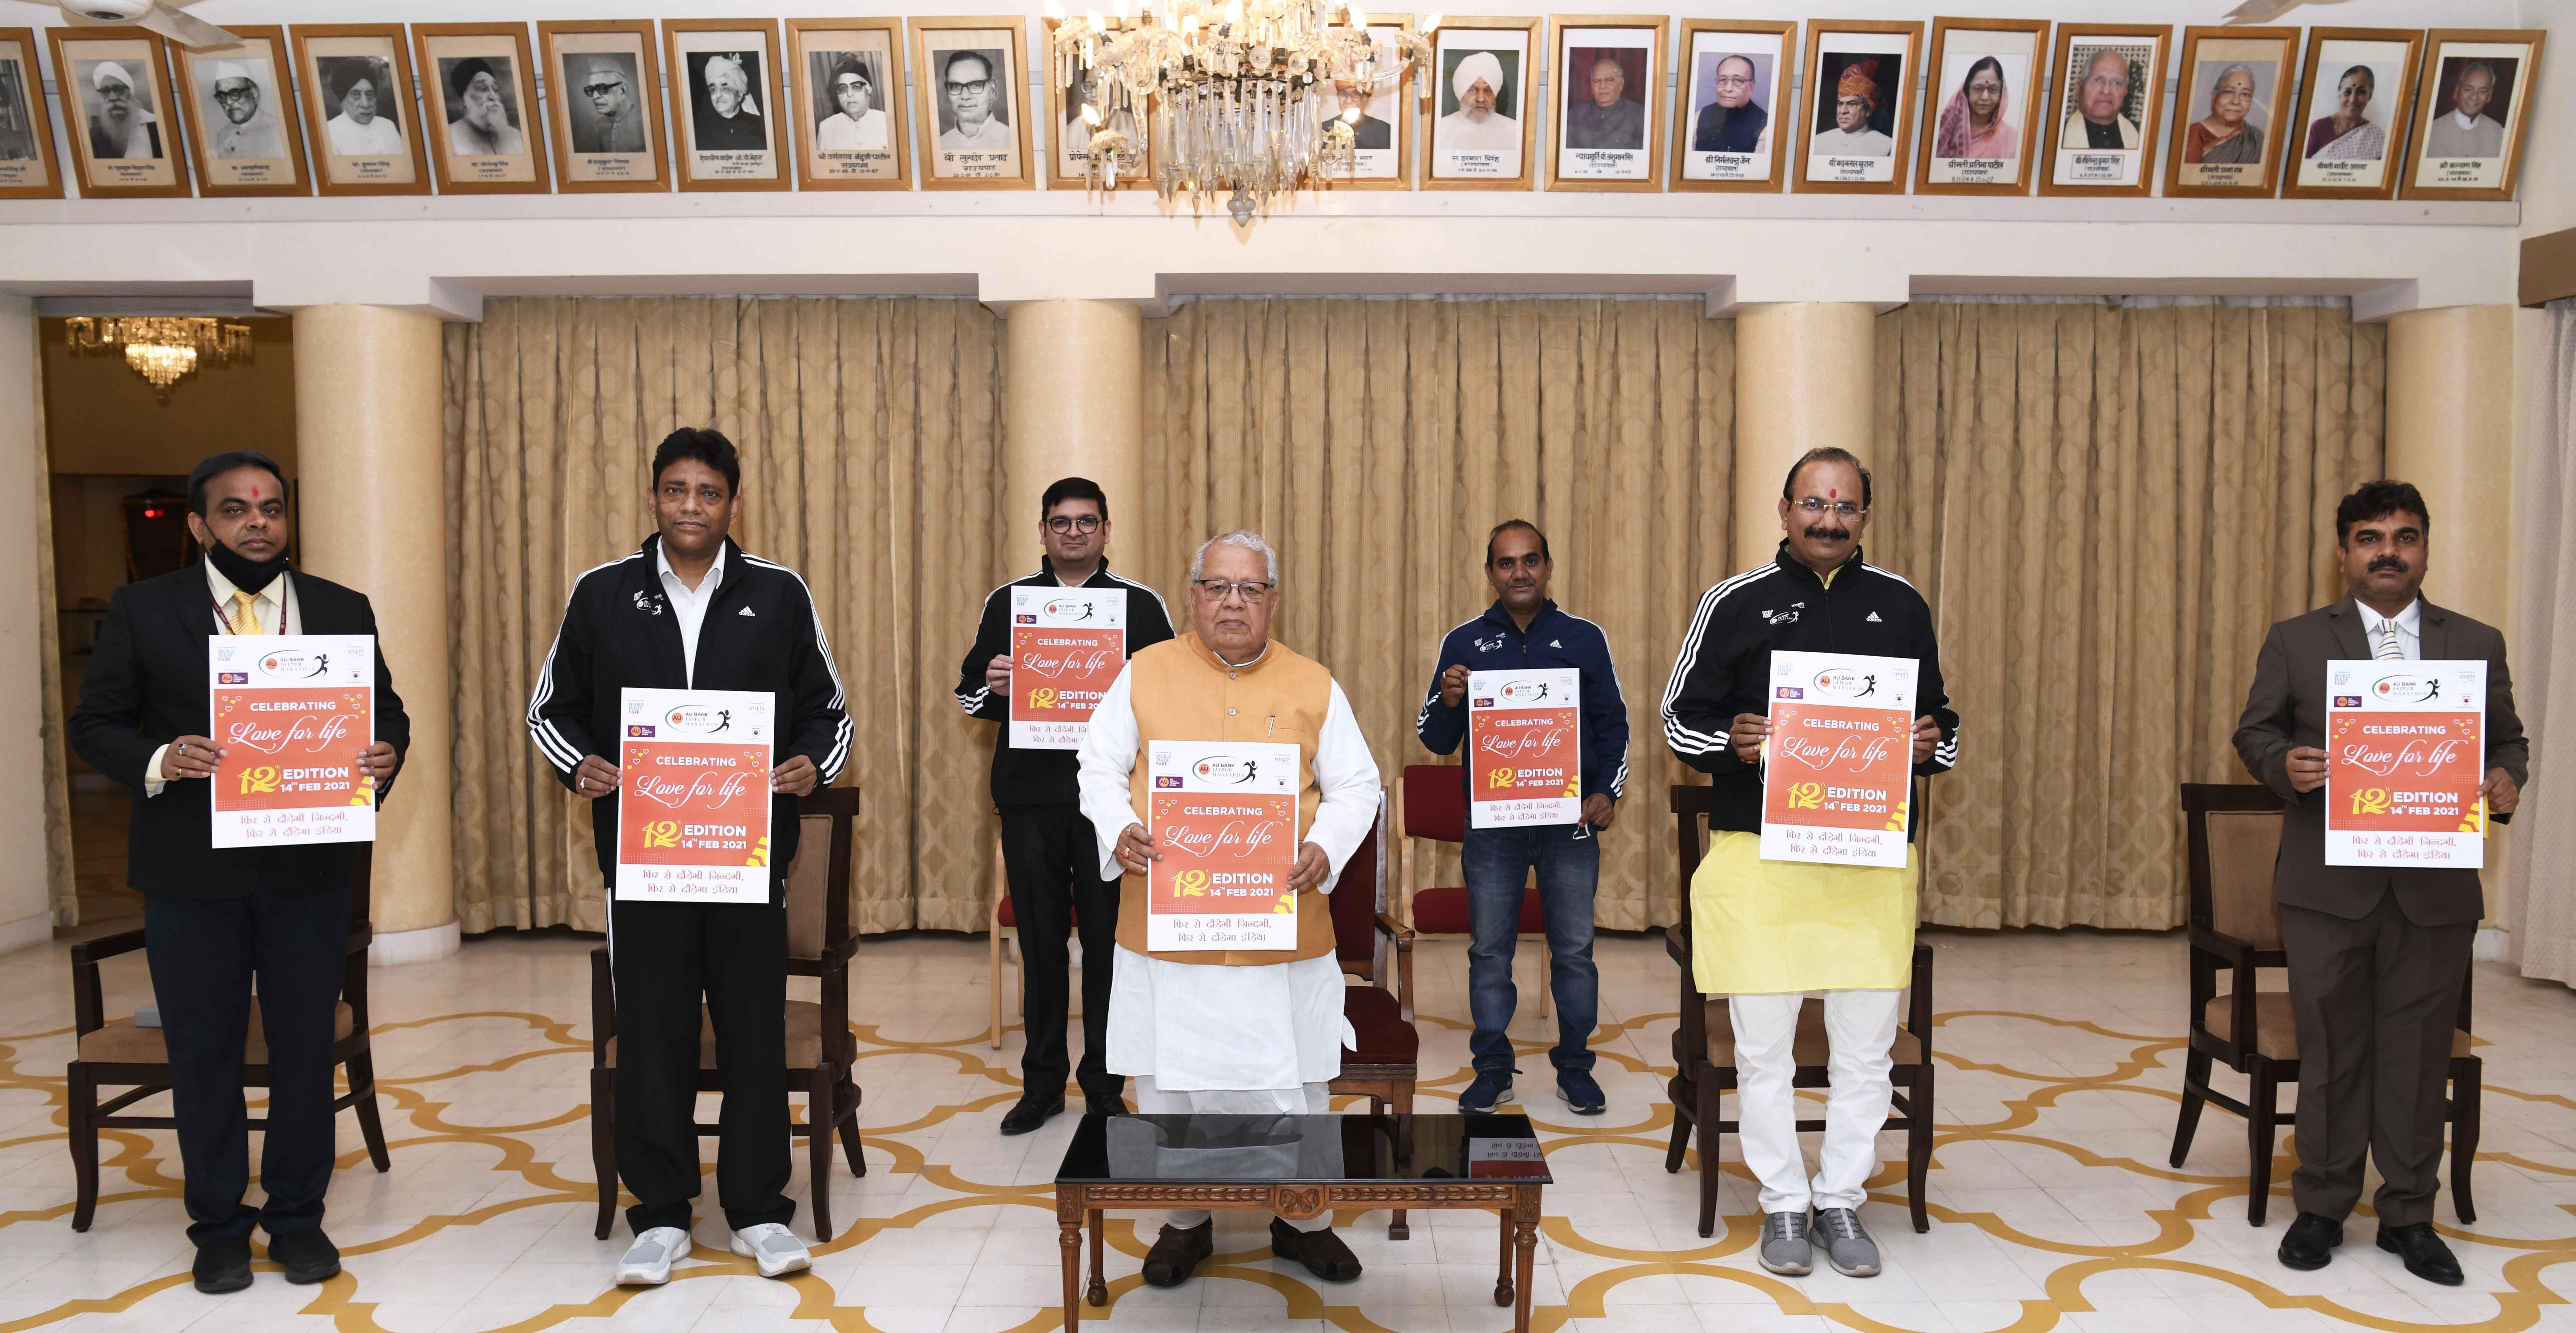 राज्यपाल ने किया जयपुर मैराथन के पोस्टर का विमोचन